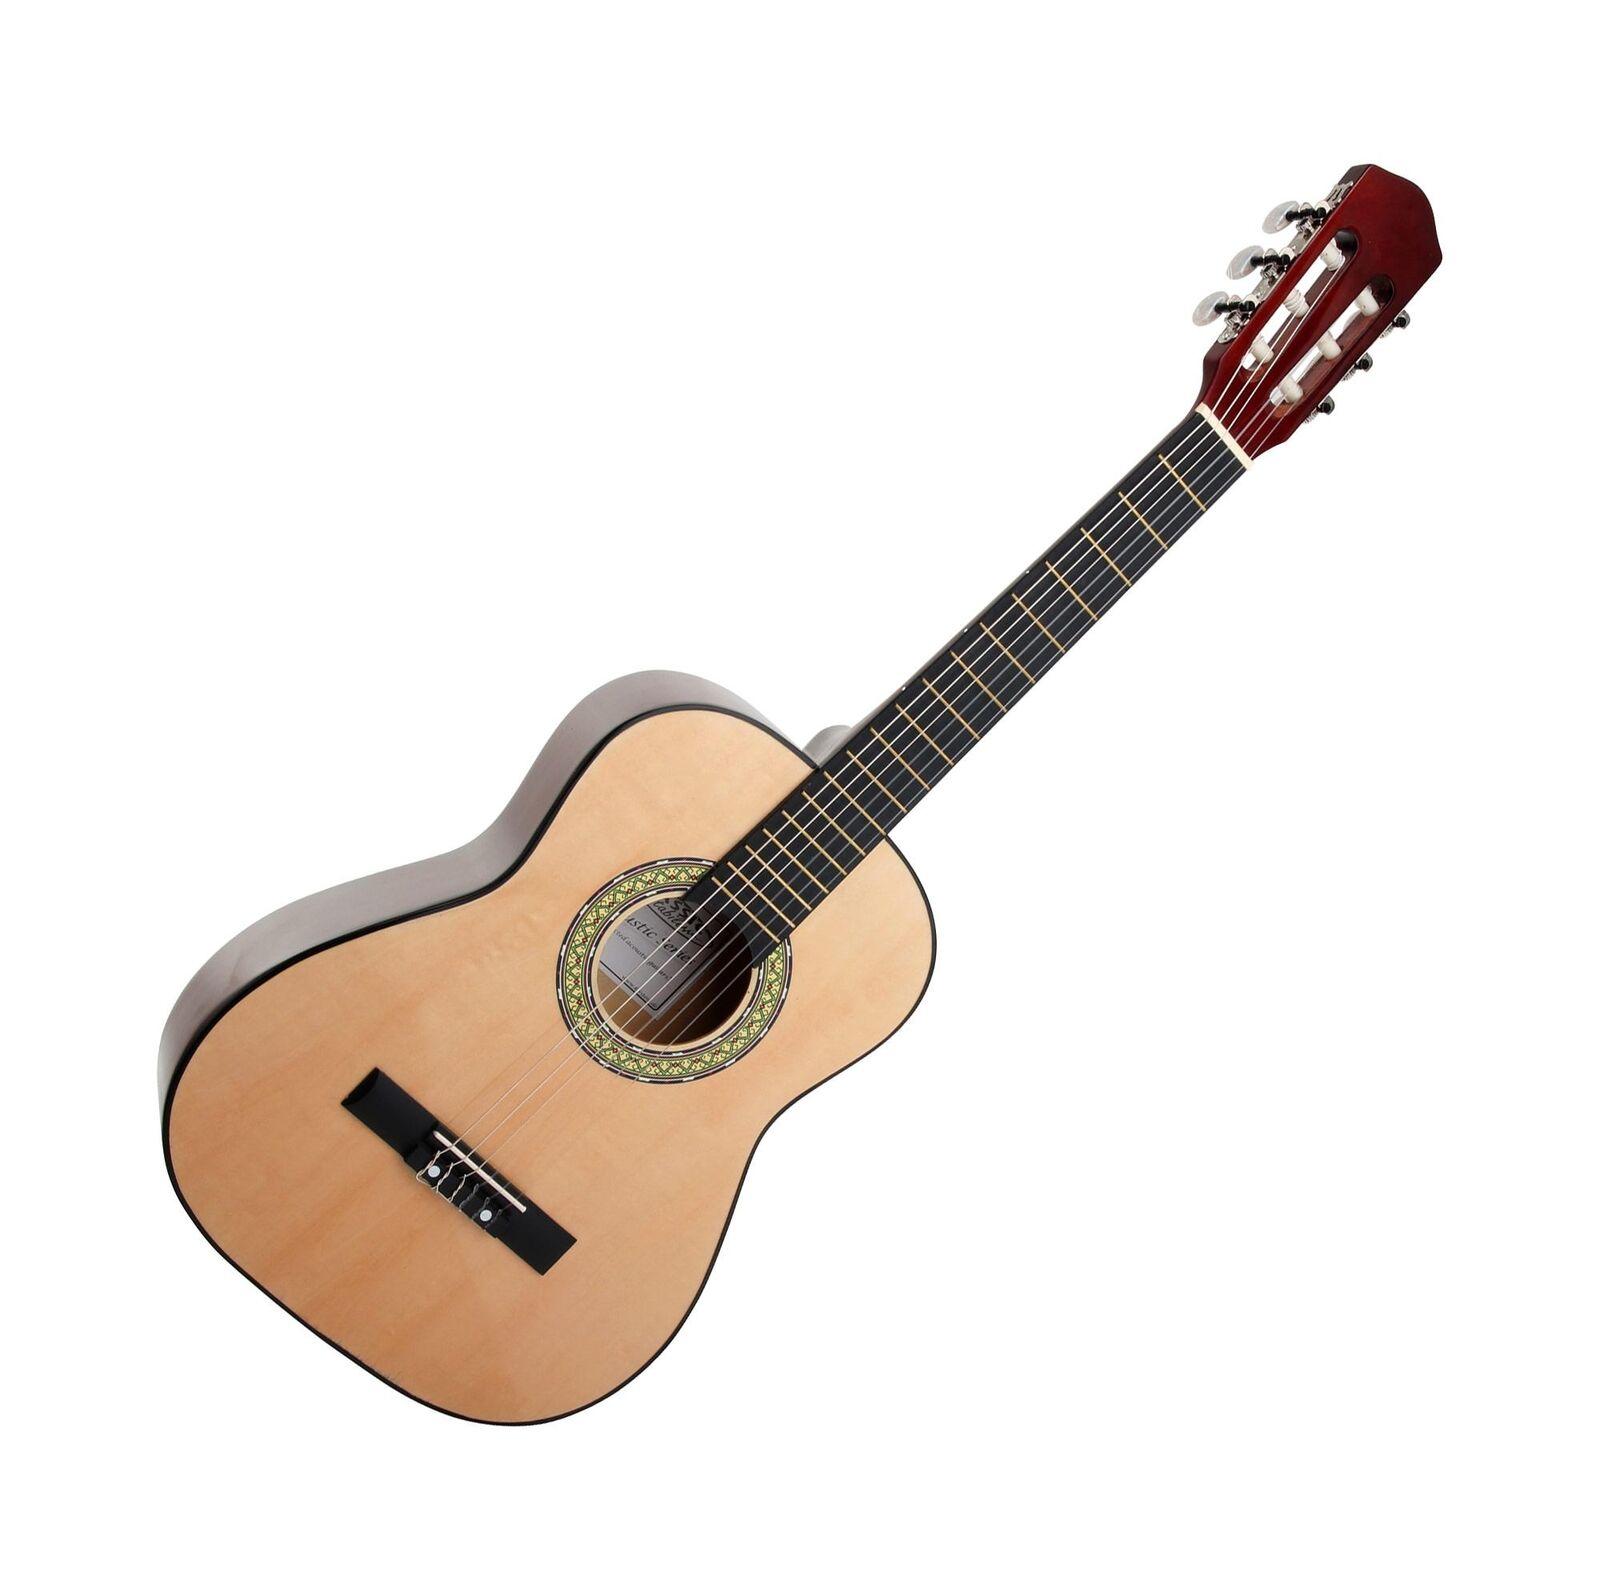 Super klassische Gitarre 1 2 für Kinder Ideal für den den den Einstieg in die Musik b9663e